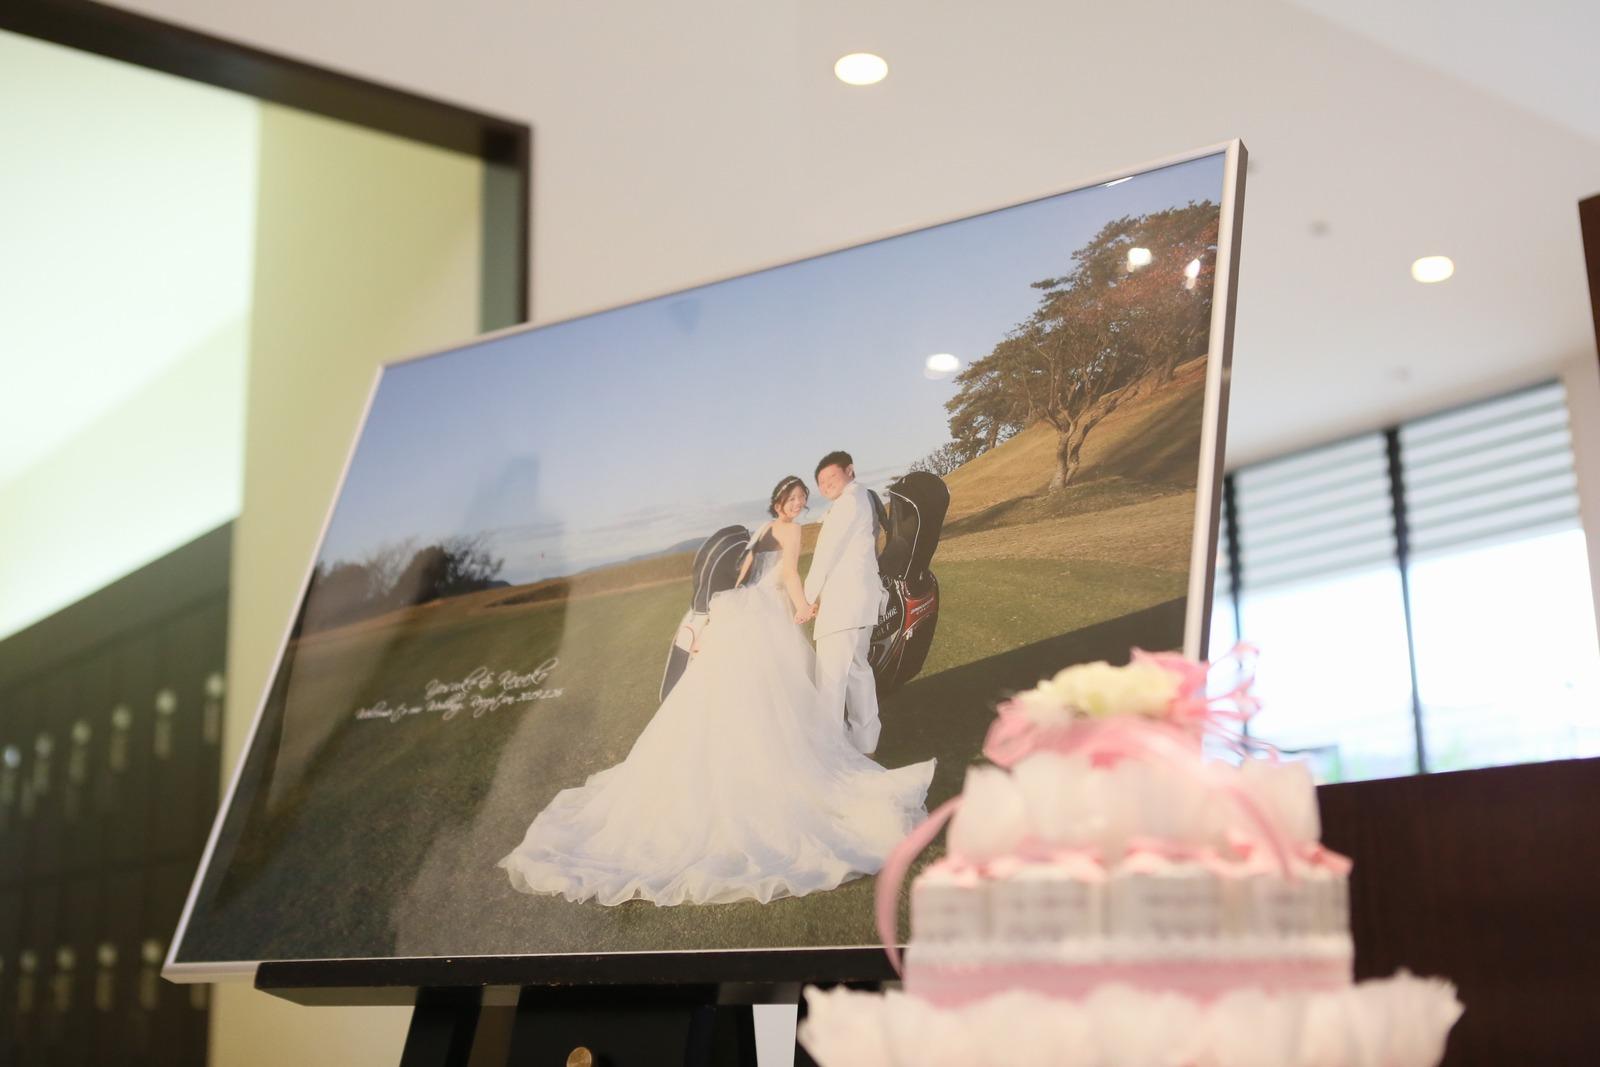 高松市の結婚式場アイルバレクラブのゴルフ場で撮った前写し写真